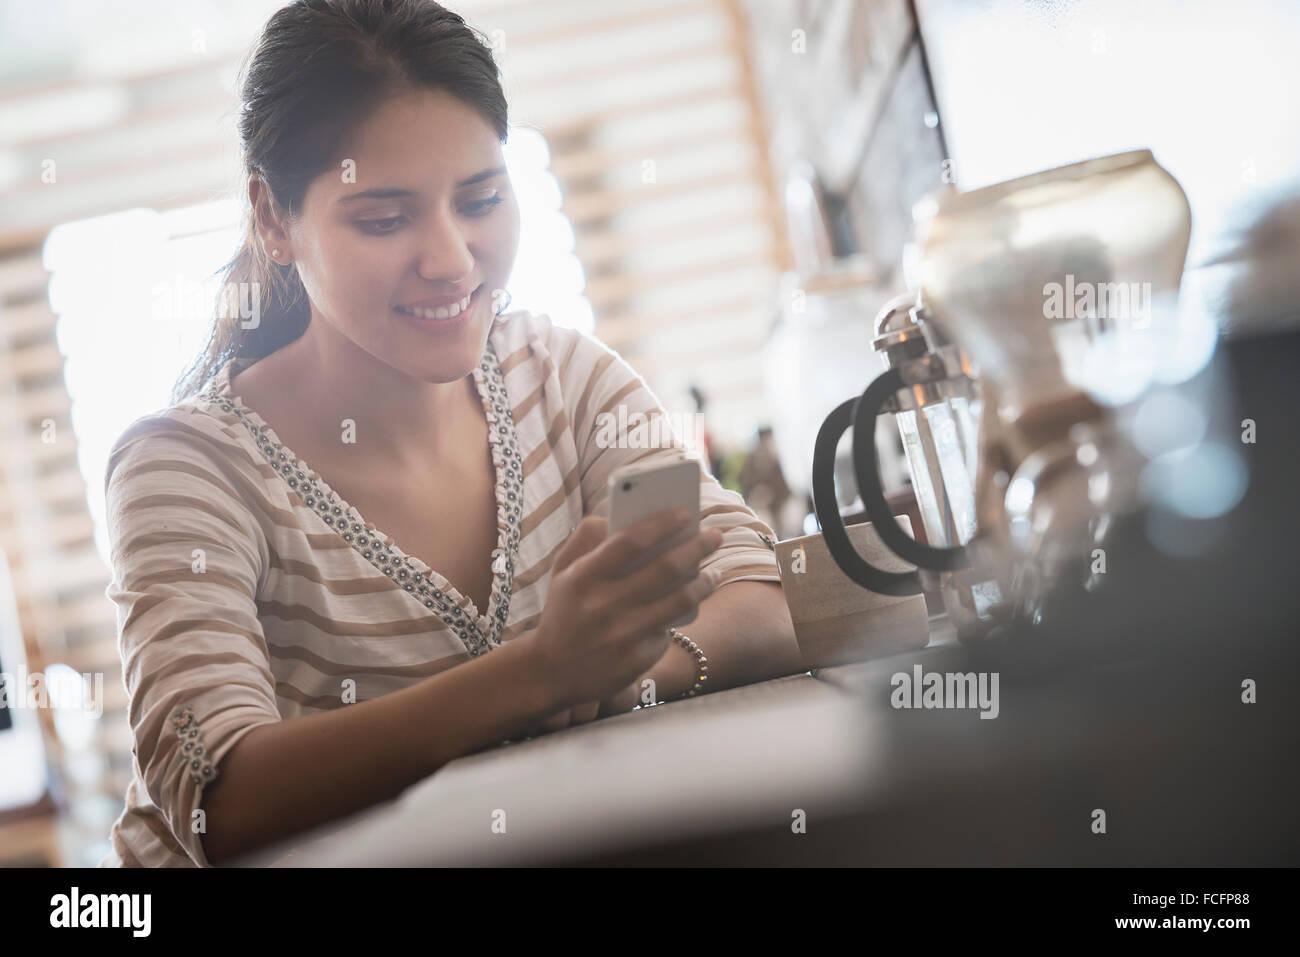 Loft vivant. Une femme à la recherche de son téléphone intelligent. Photo Stock